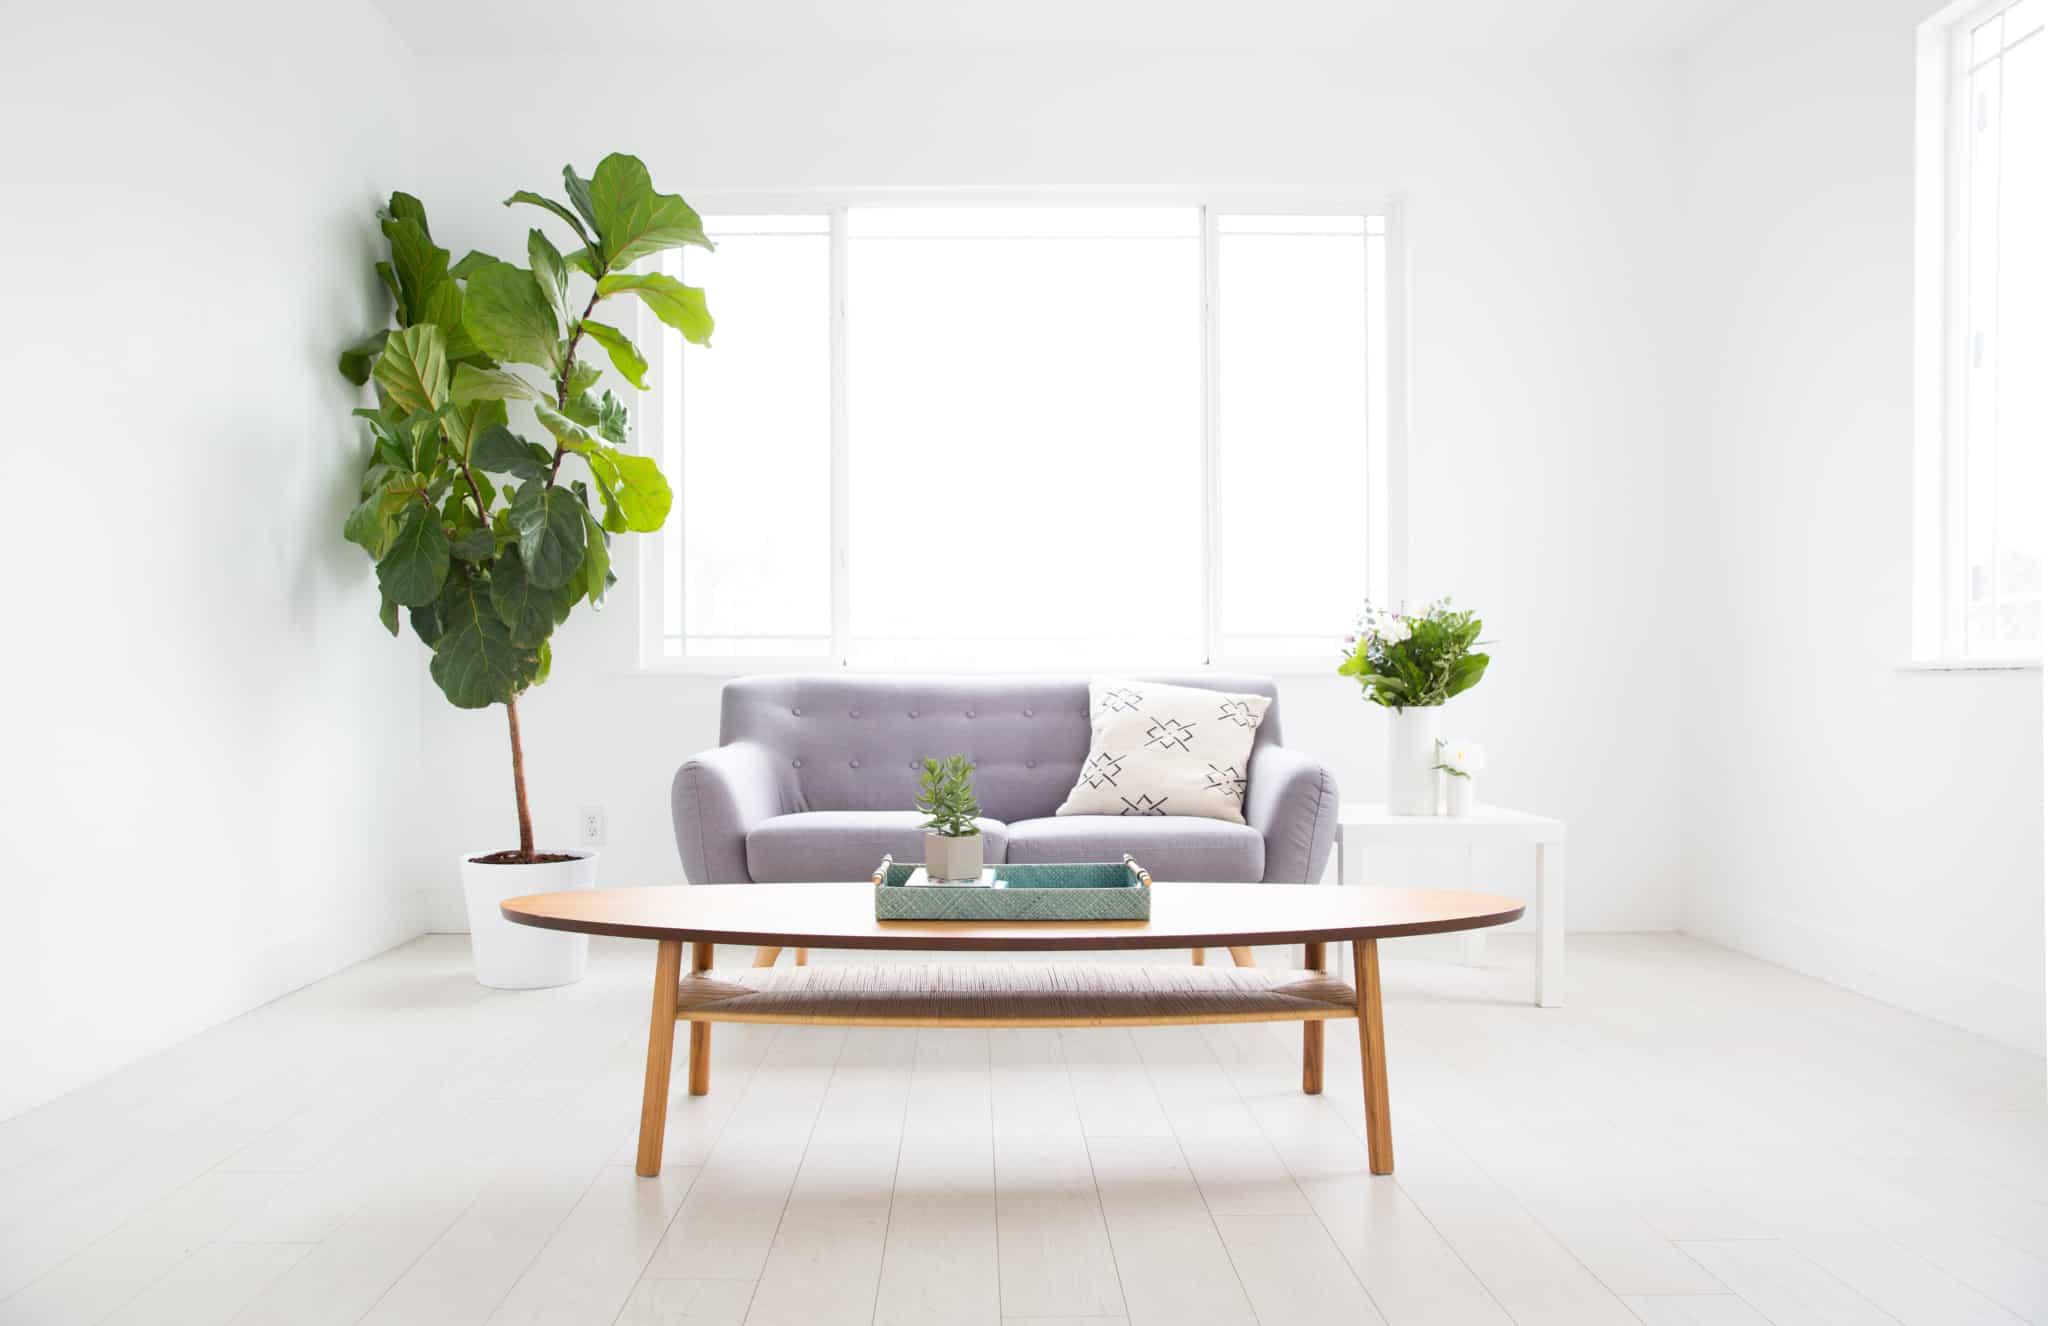 sala de estar com mesa redonda de madeira sofa cinzento de dois lugares e planta do lado esquerdo